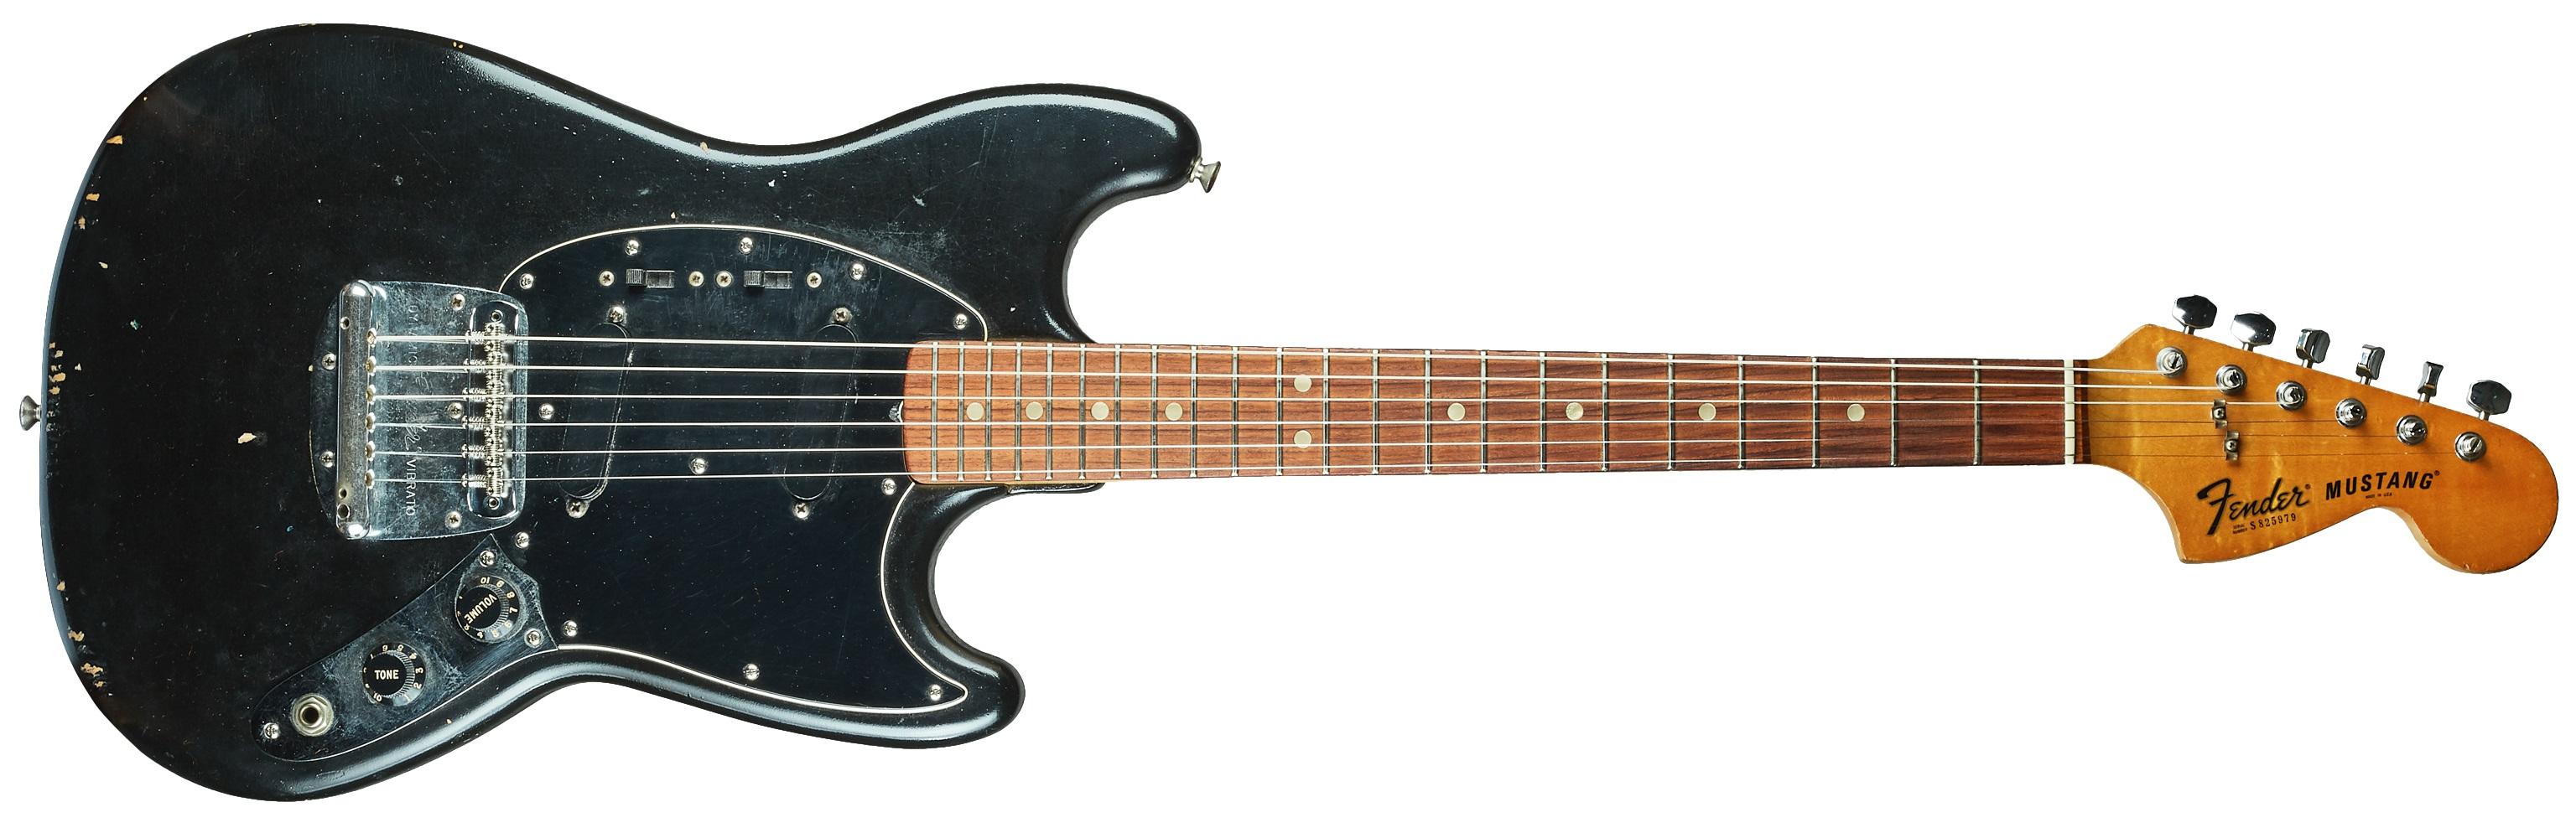 Fender 1978 Mustang Black Refinished